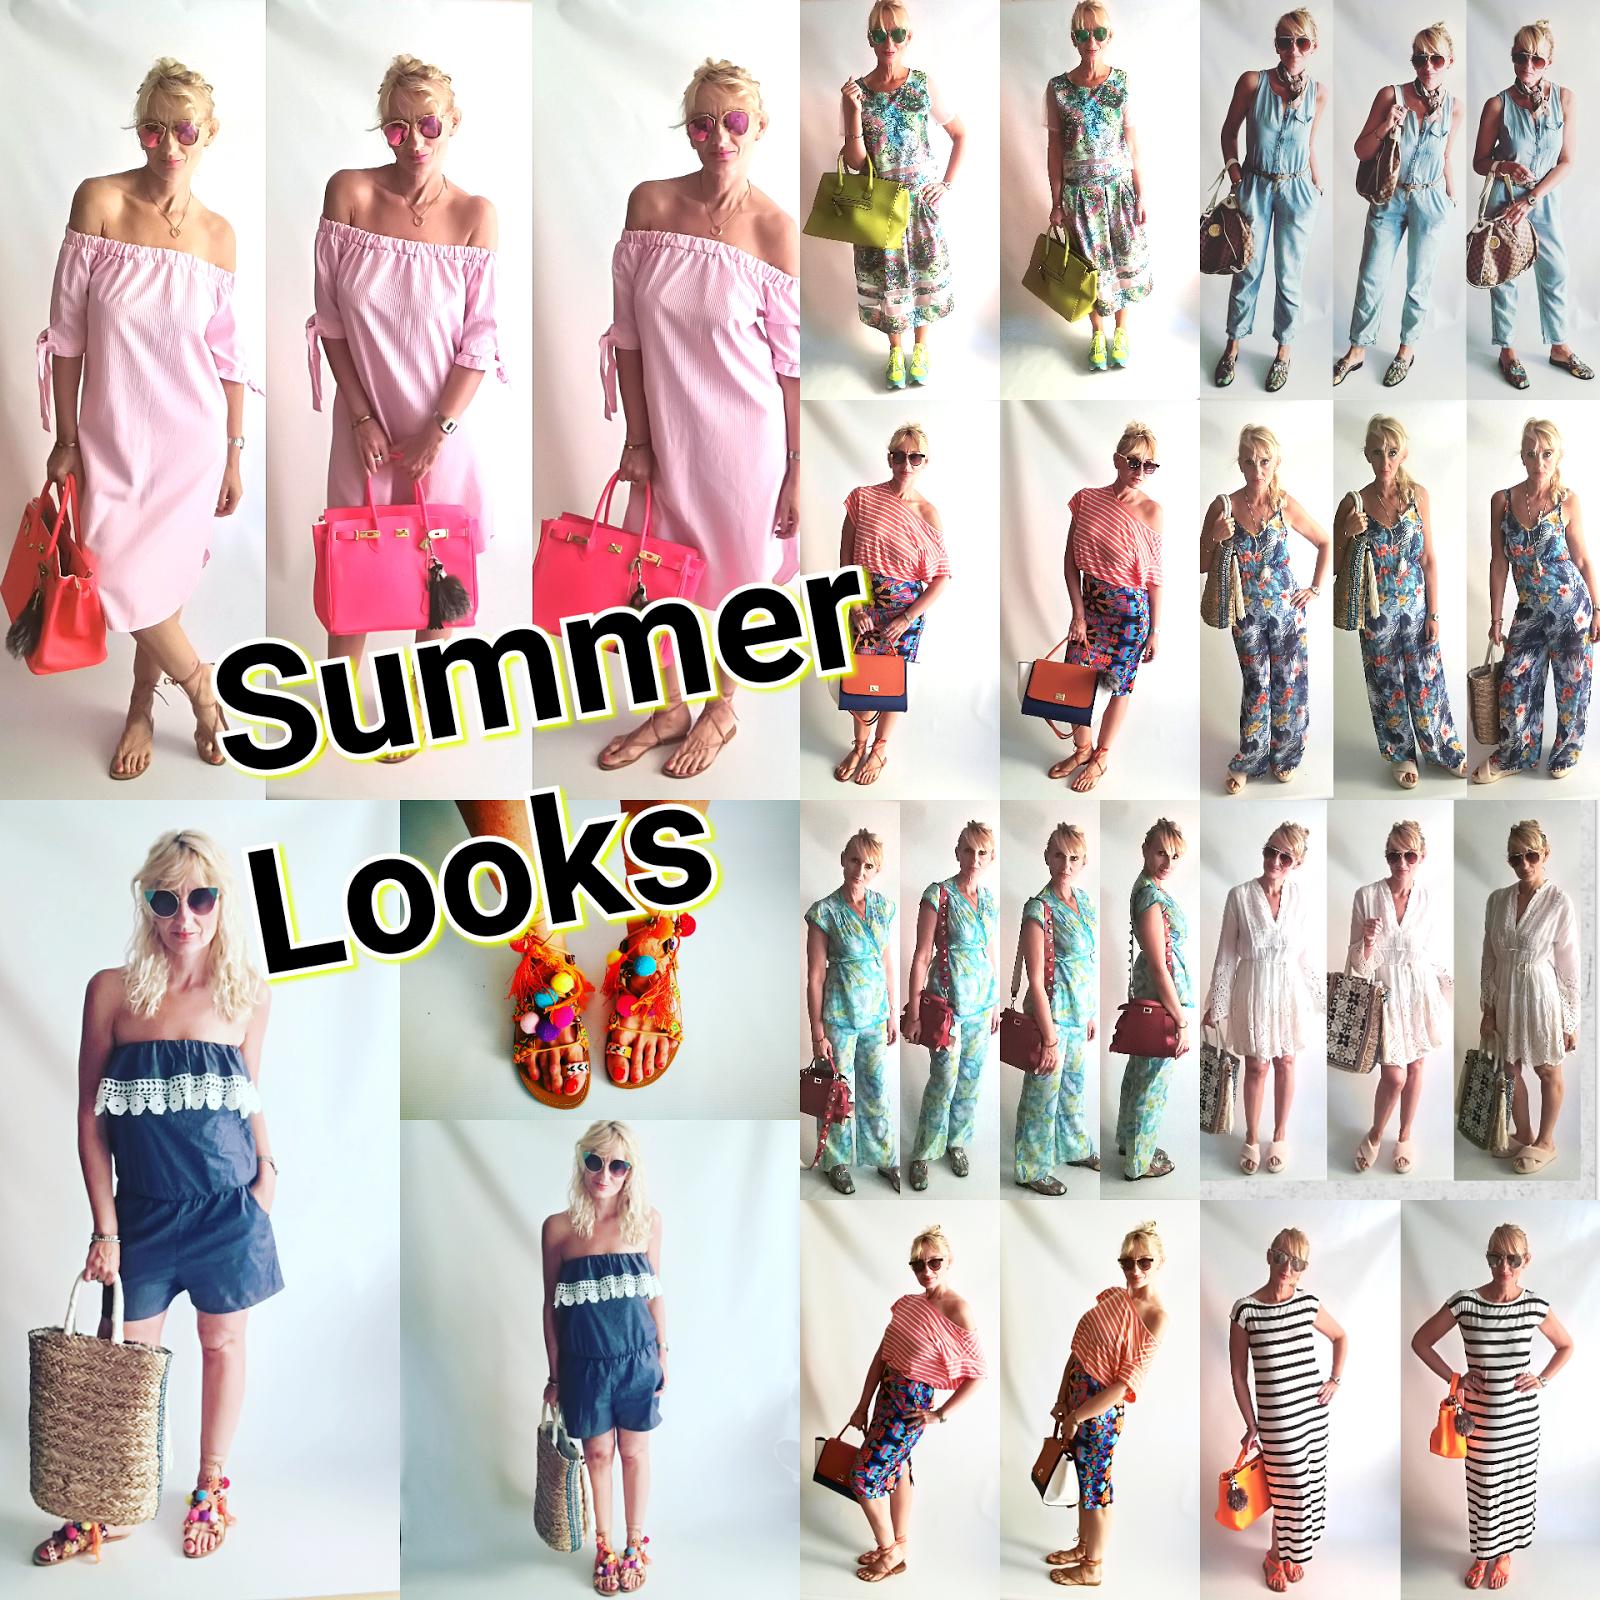 Cosa ci mettiamo quest'estate? Idee per un look trendy che sta bene a tutte anche alle più curvy